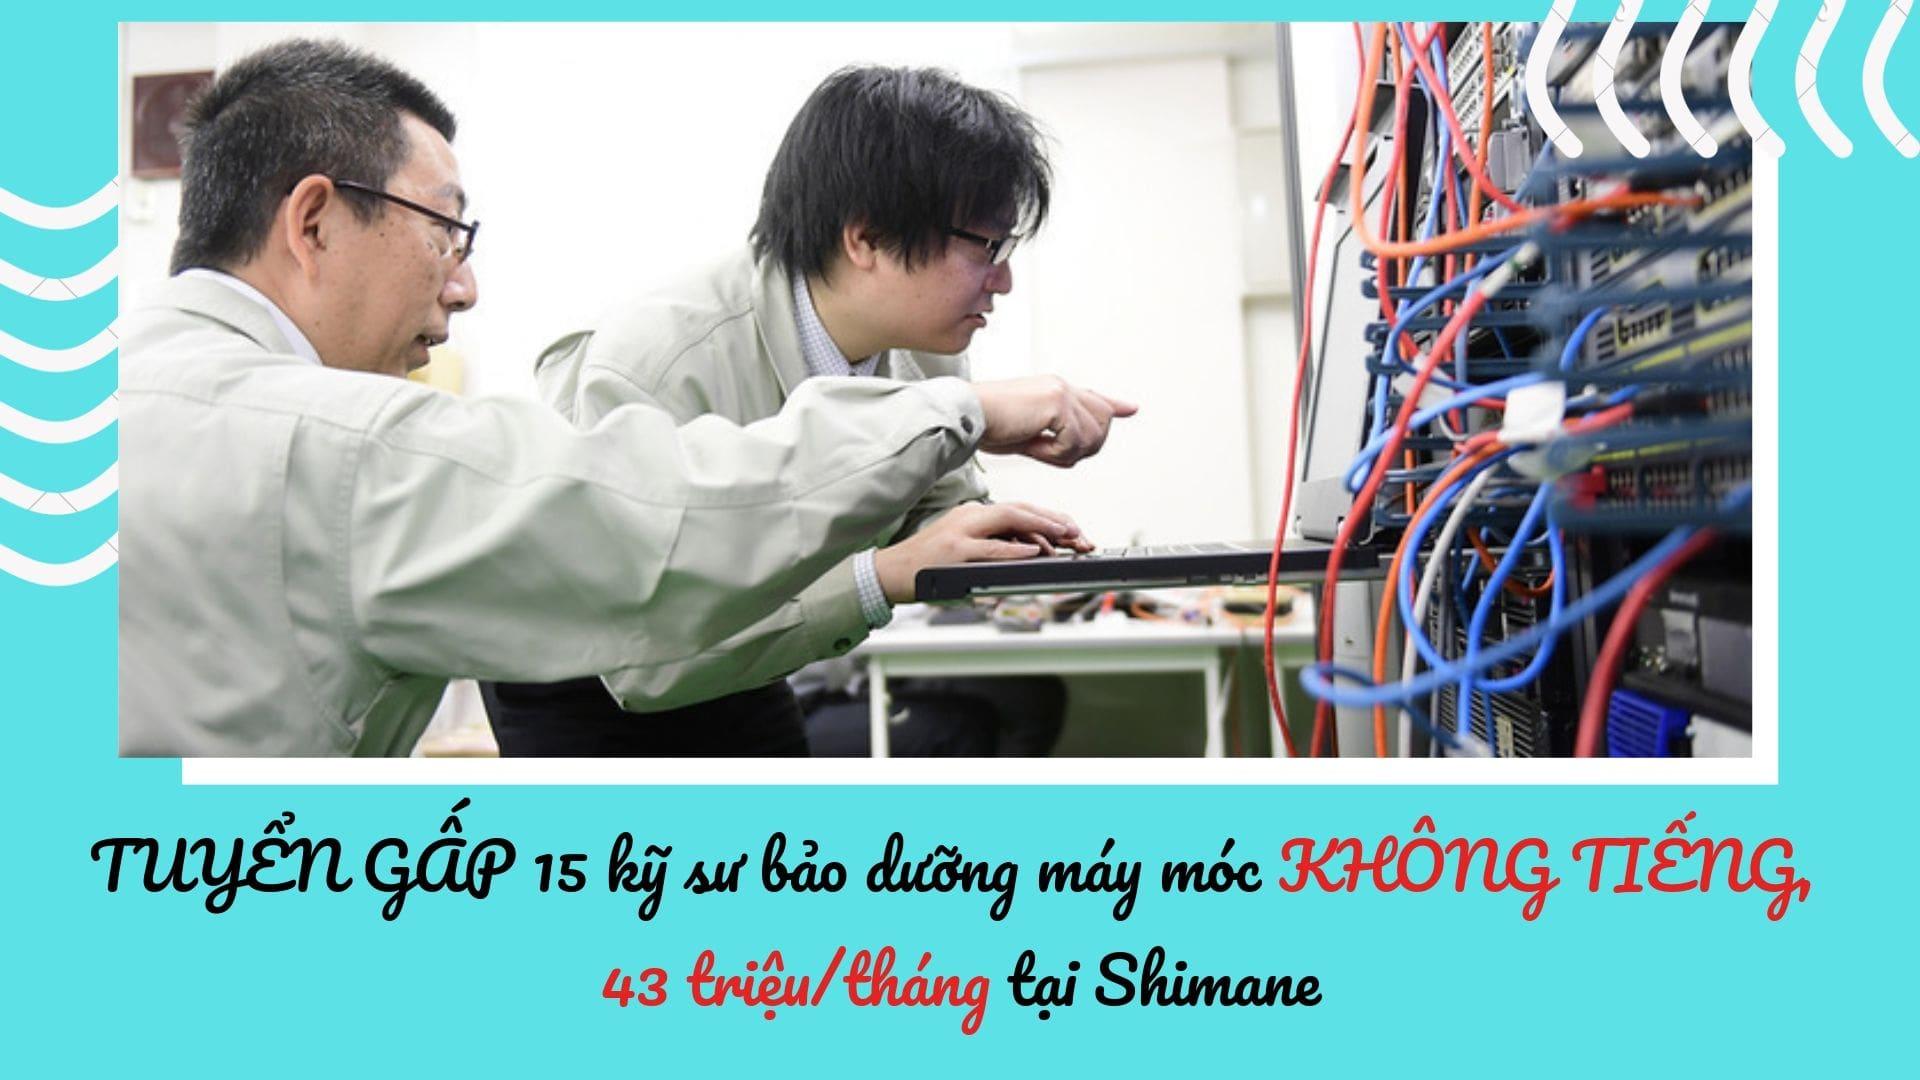 TUYỂN GẤP 15 kỹ sư bảo dưỡng máy móc KHÔNG TIẾNG, lương cao tại Shimane